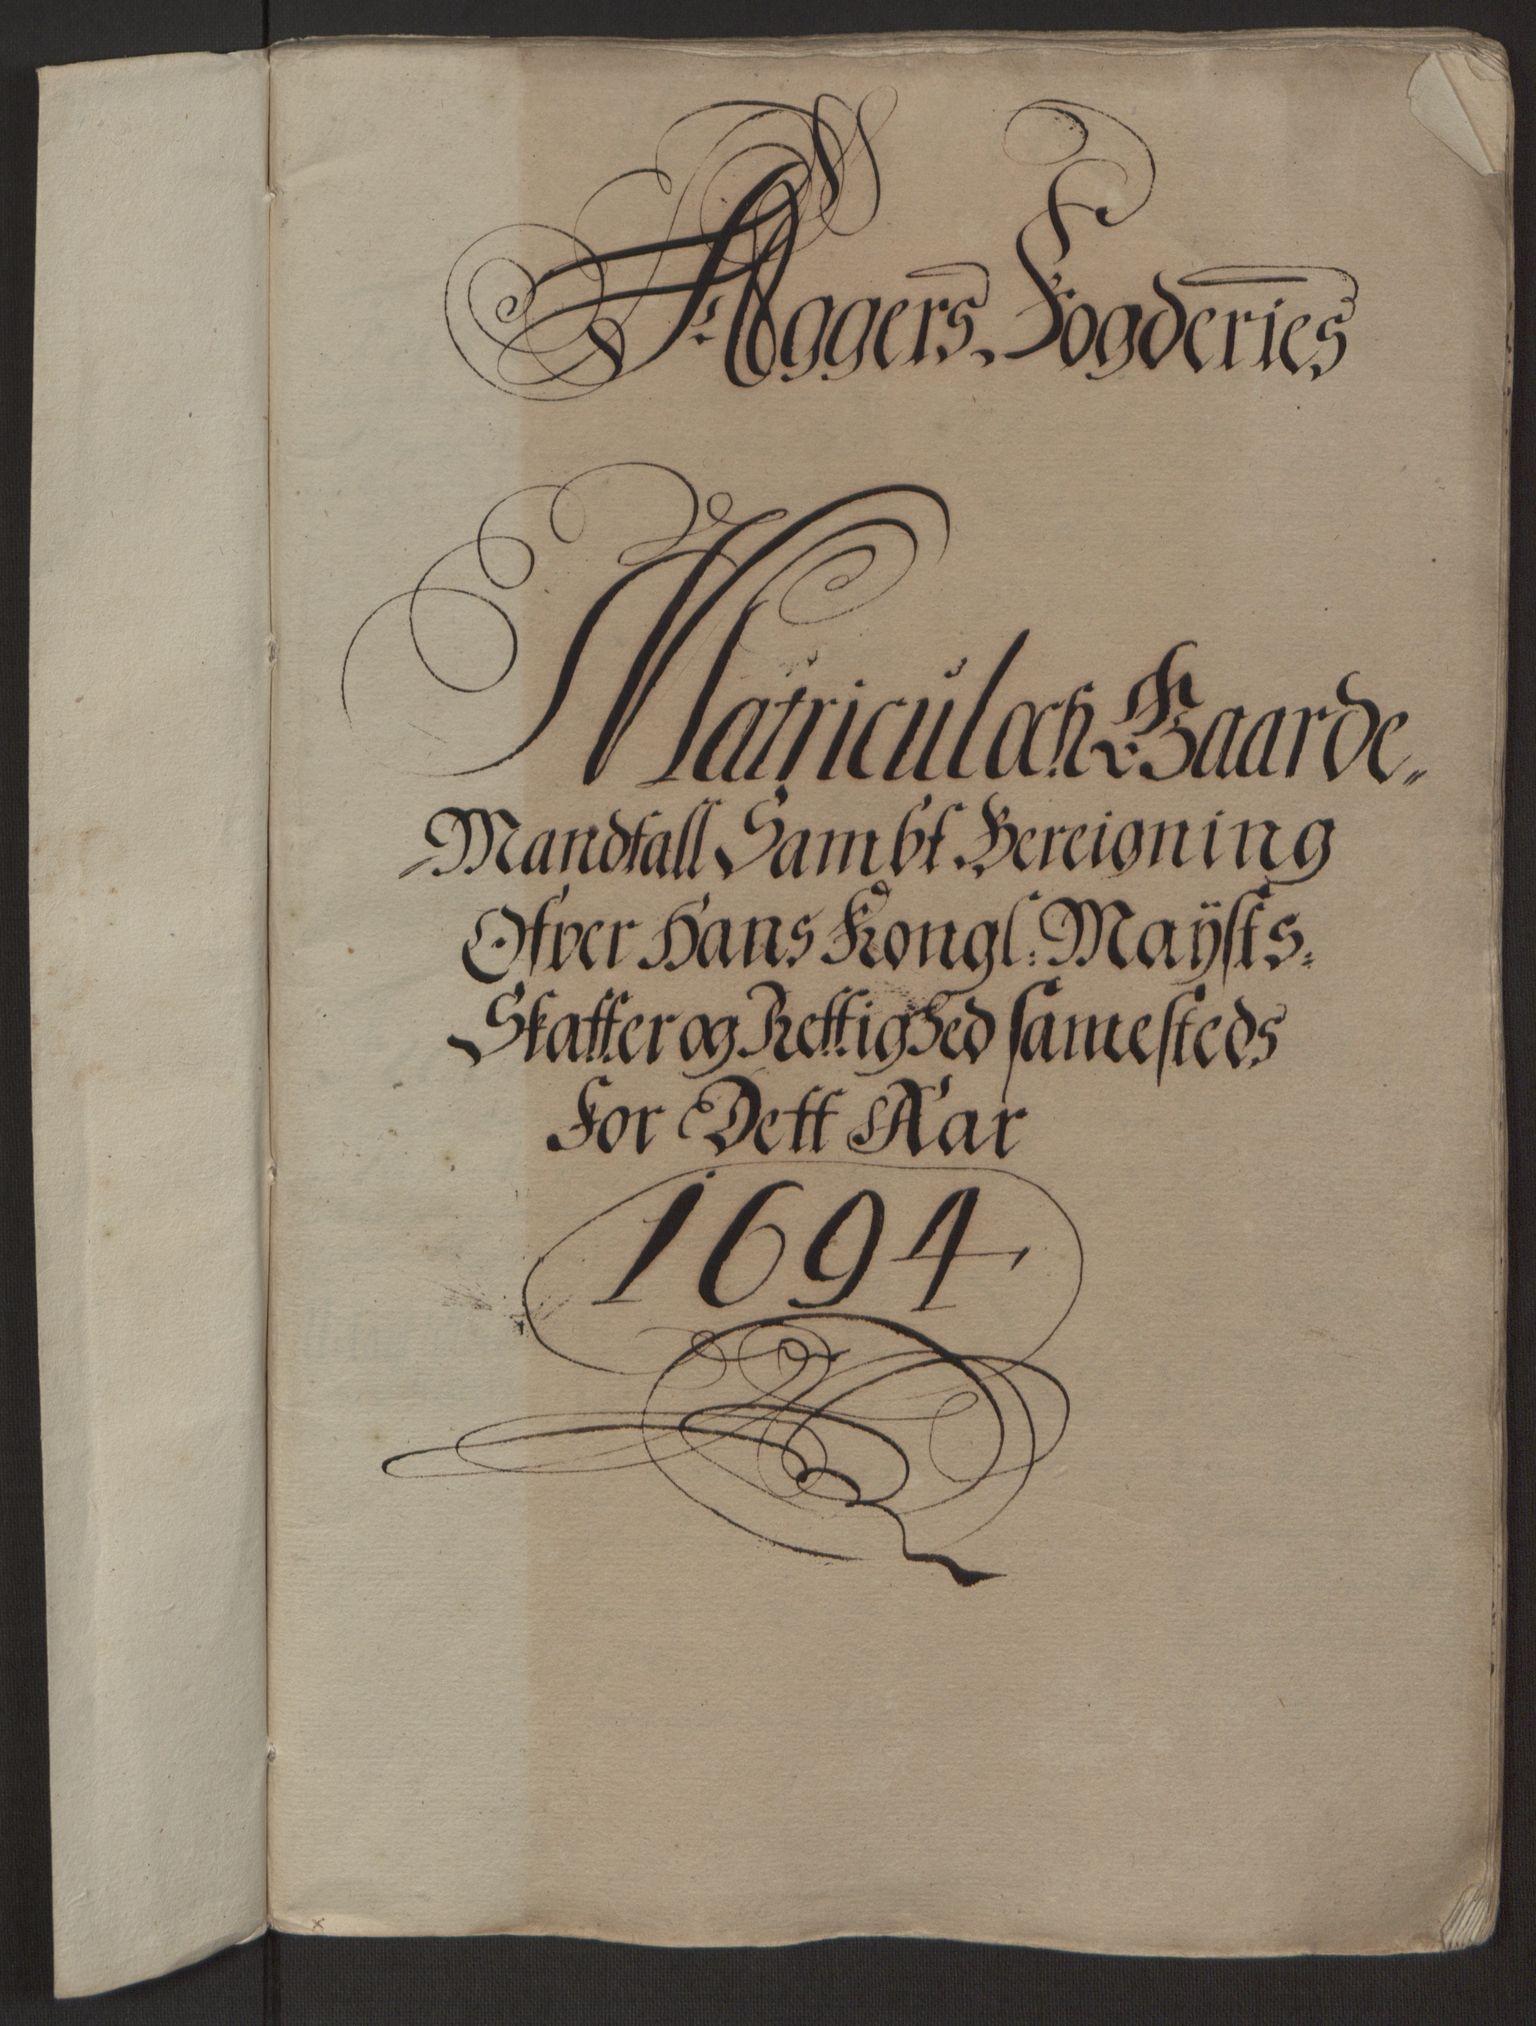 RA, Rentekammeret inntil 1814, Reviderte regnskaper, Fogderegnskap, R10/L0438: Fogderegnskap Aker og Follo, 1694, s. 27